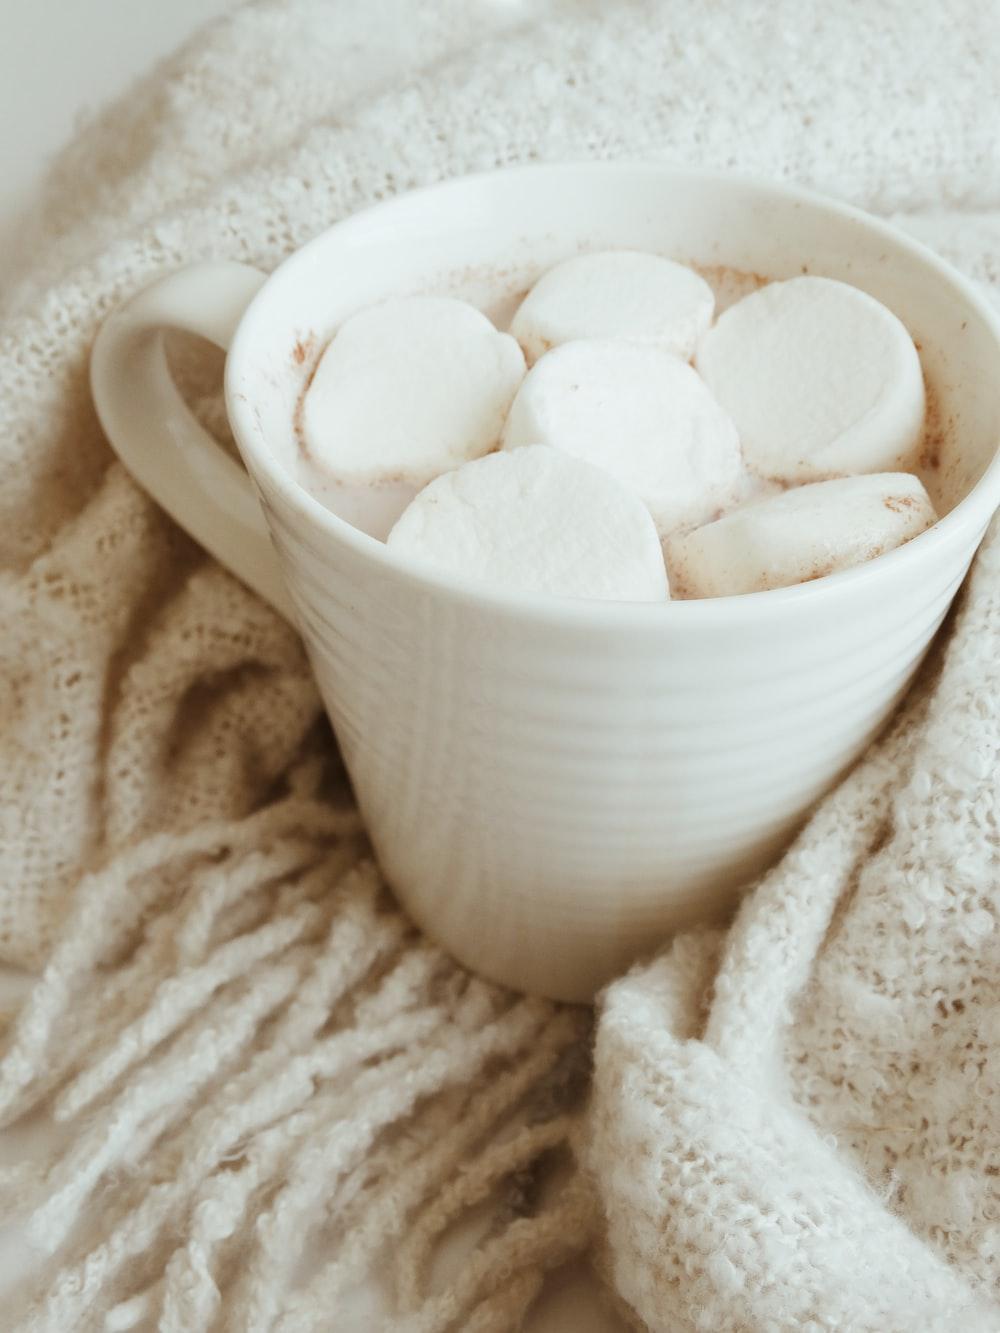 marshmallow in white ceramic mug